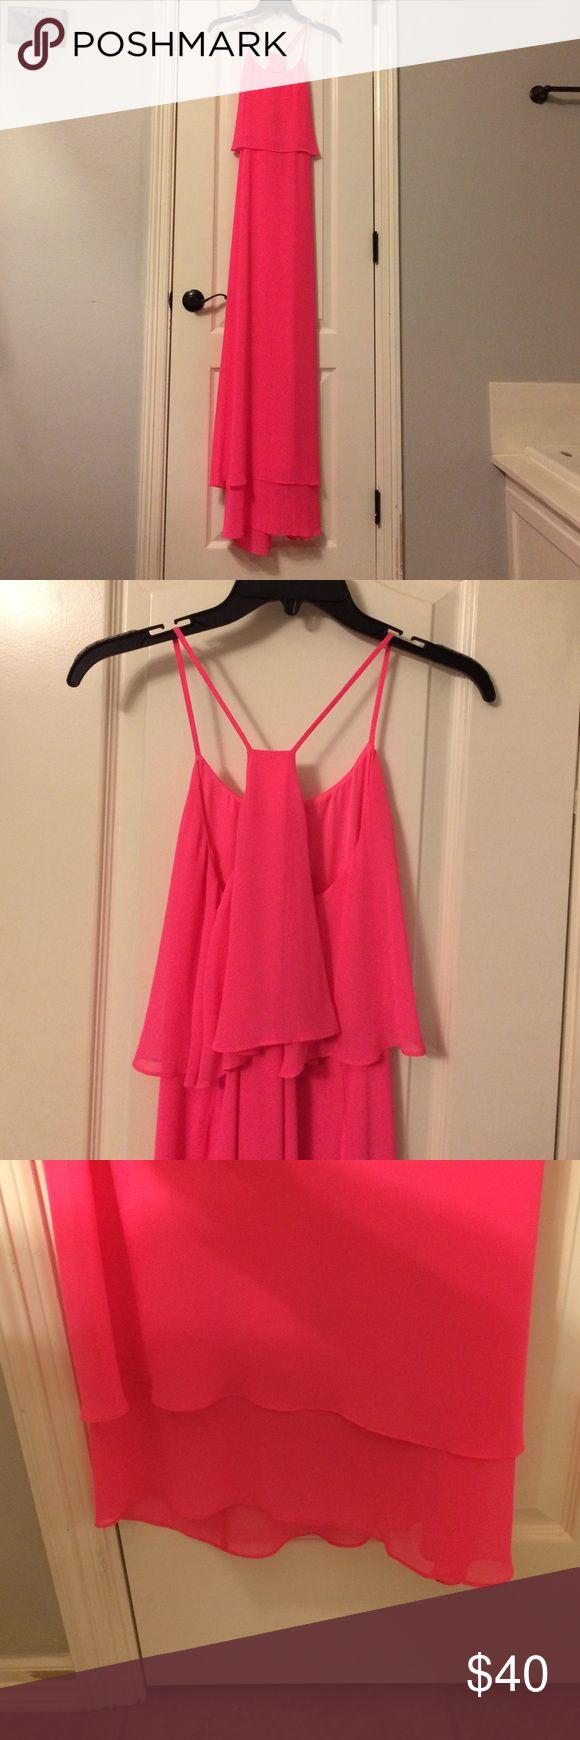 Gianni Bini bright pink long dress Gianni Bini bright pink long dress. Layered at the bottom. Only worn once! Gianni Bini Dresses